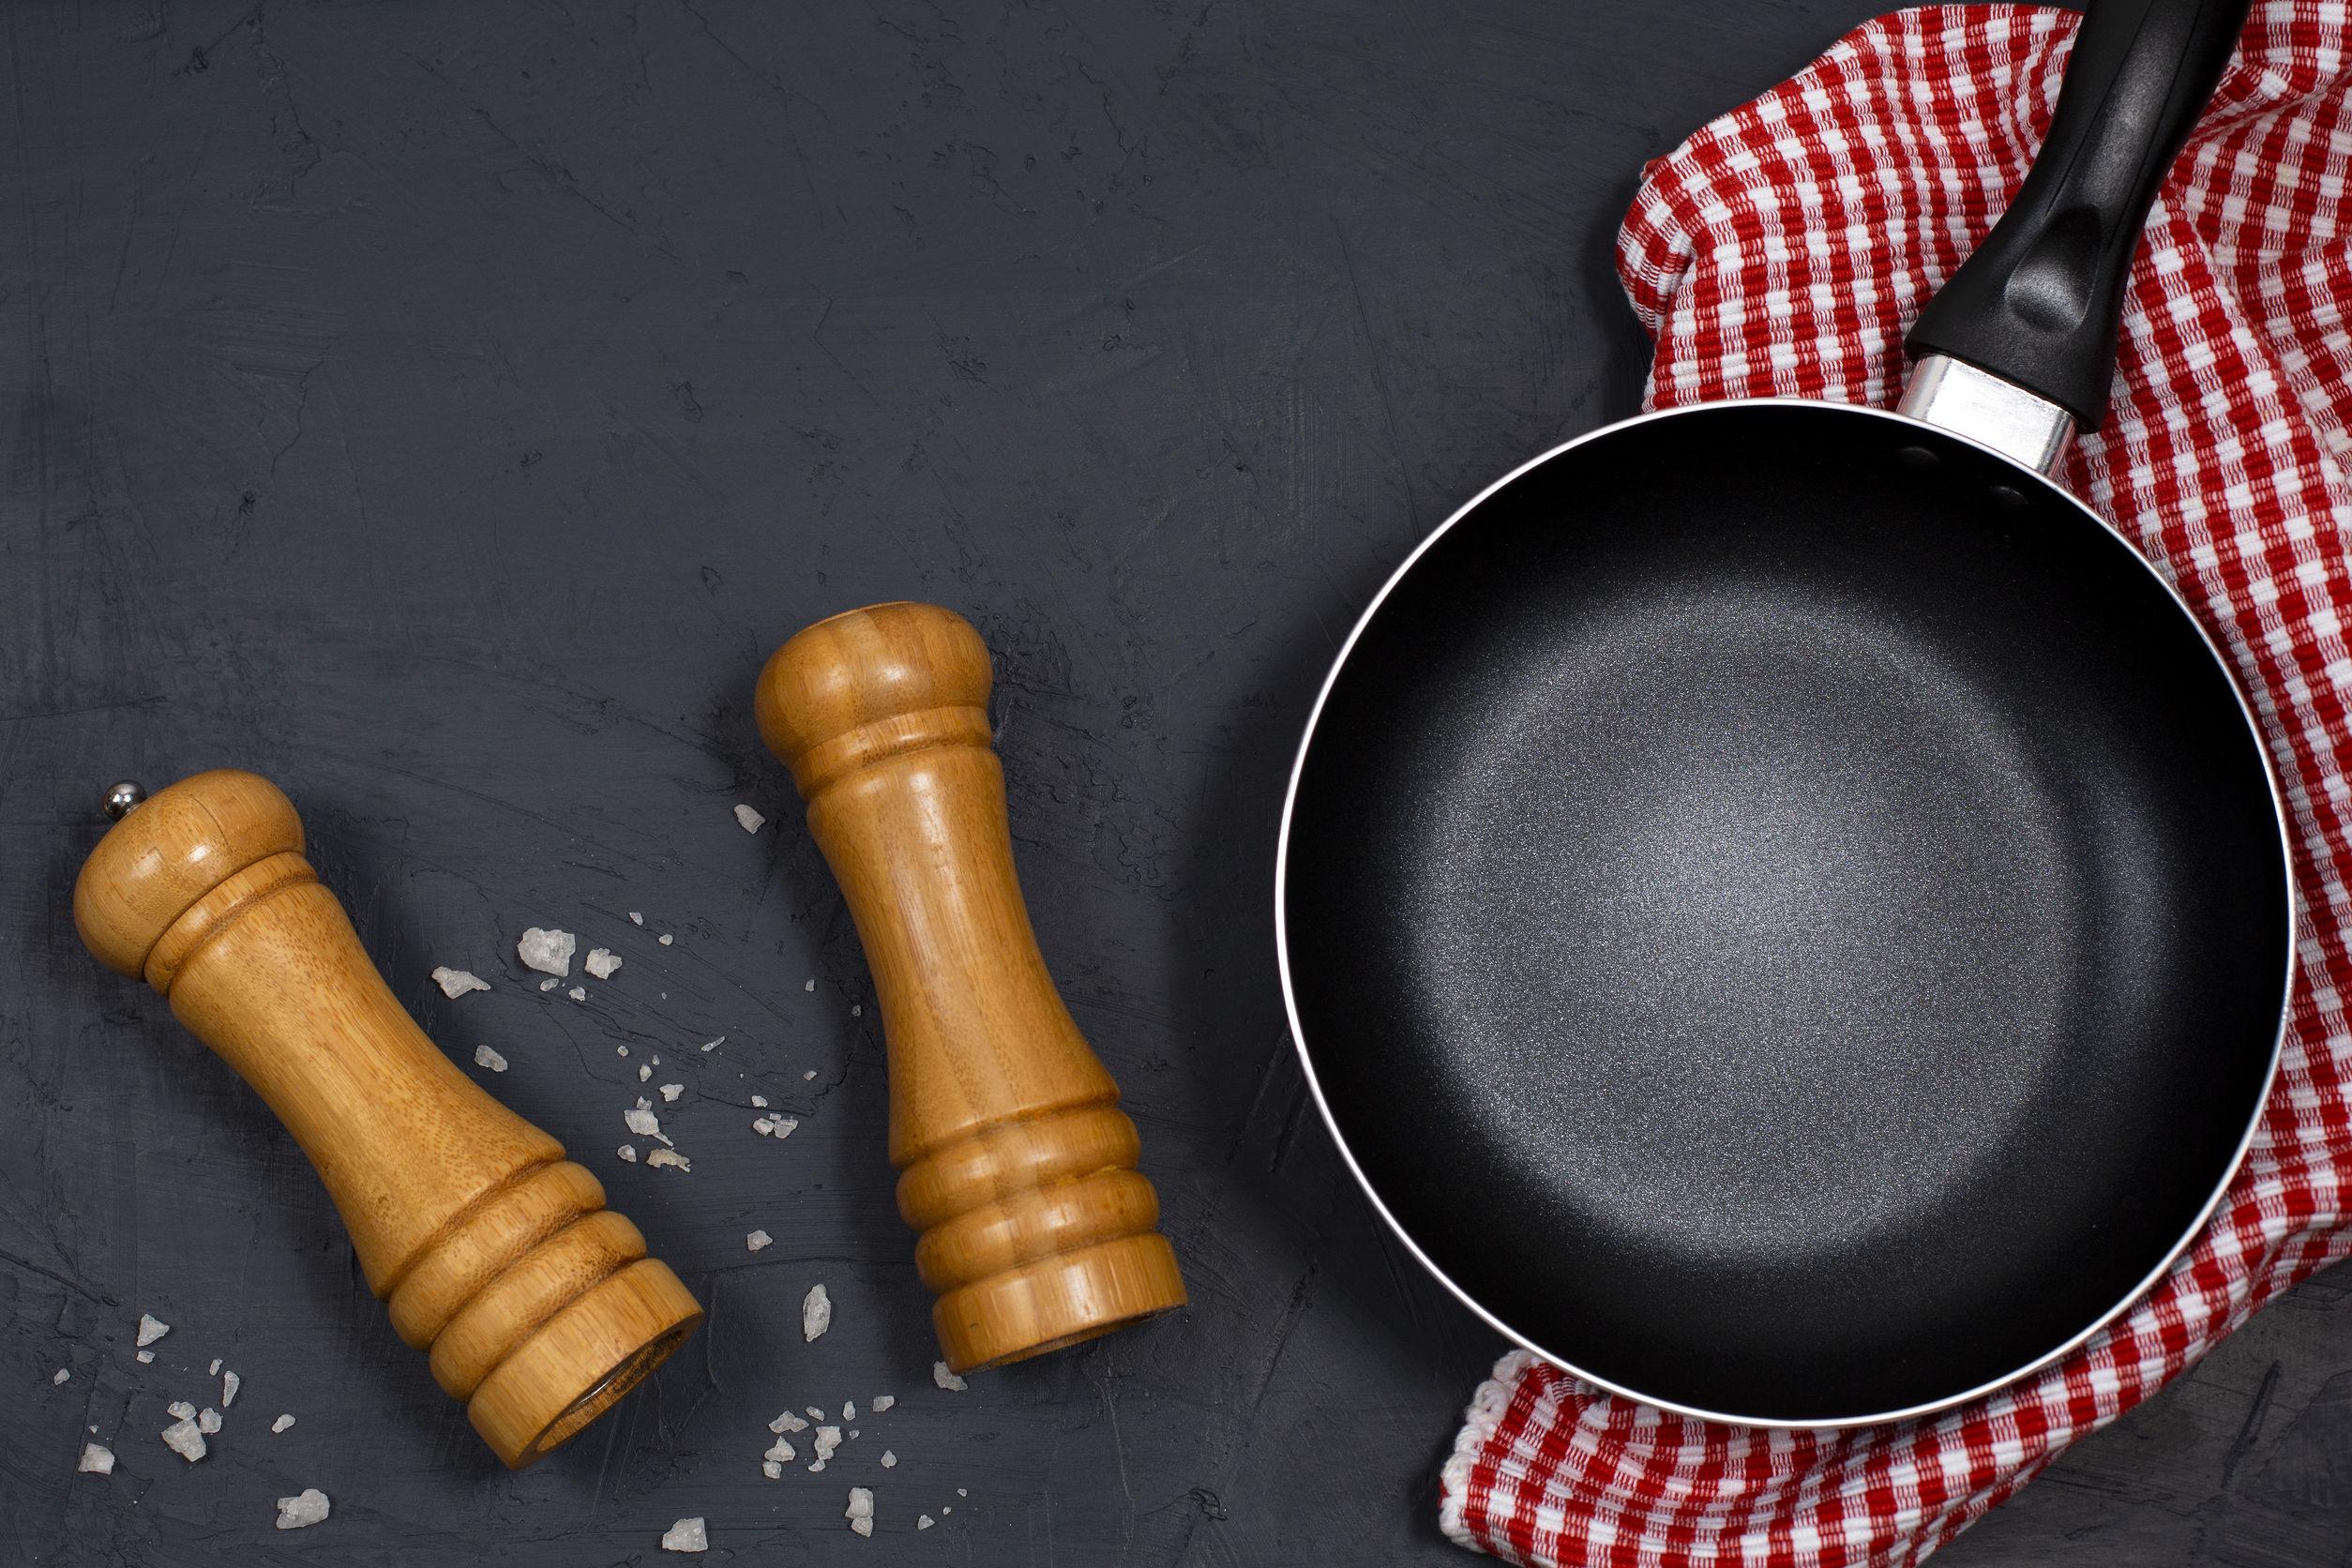 sartén negra con pimienta y sal marina en la mesa negra